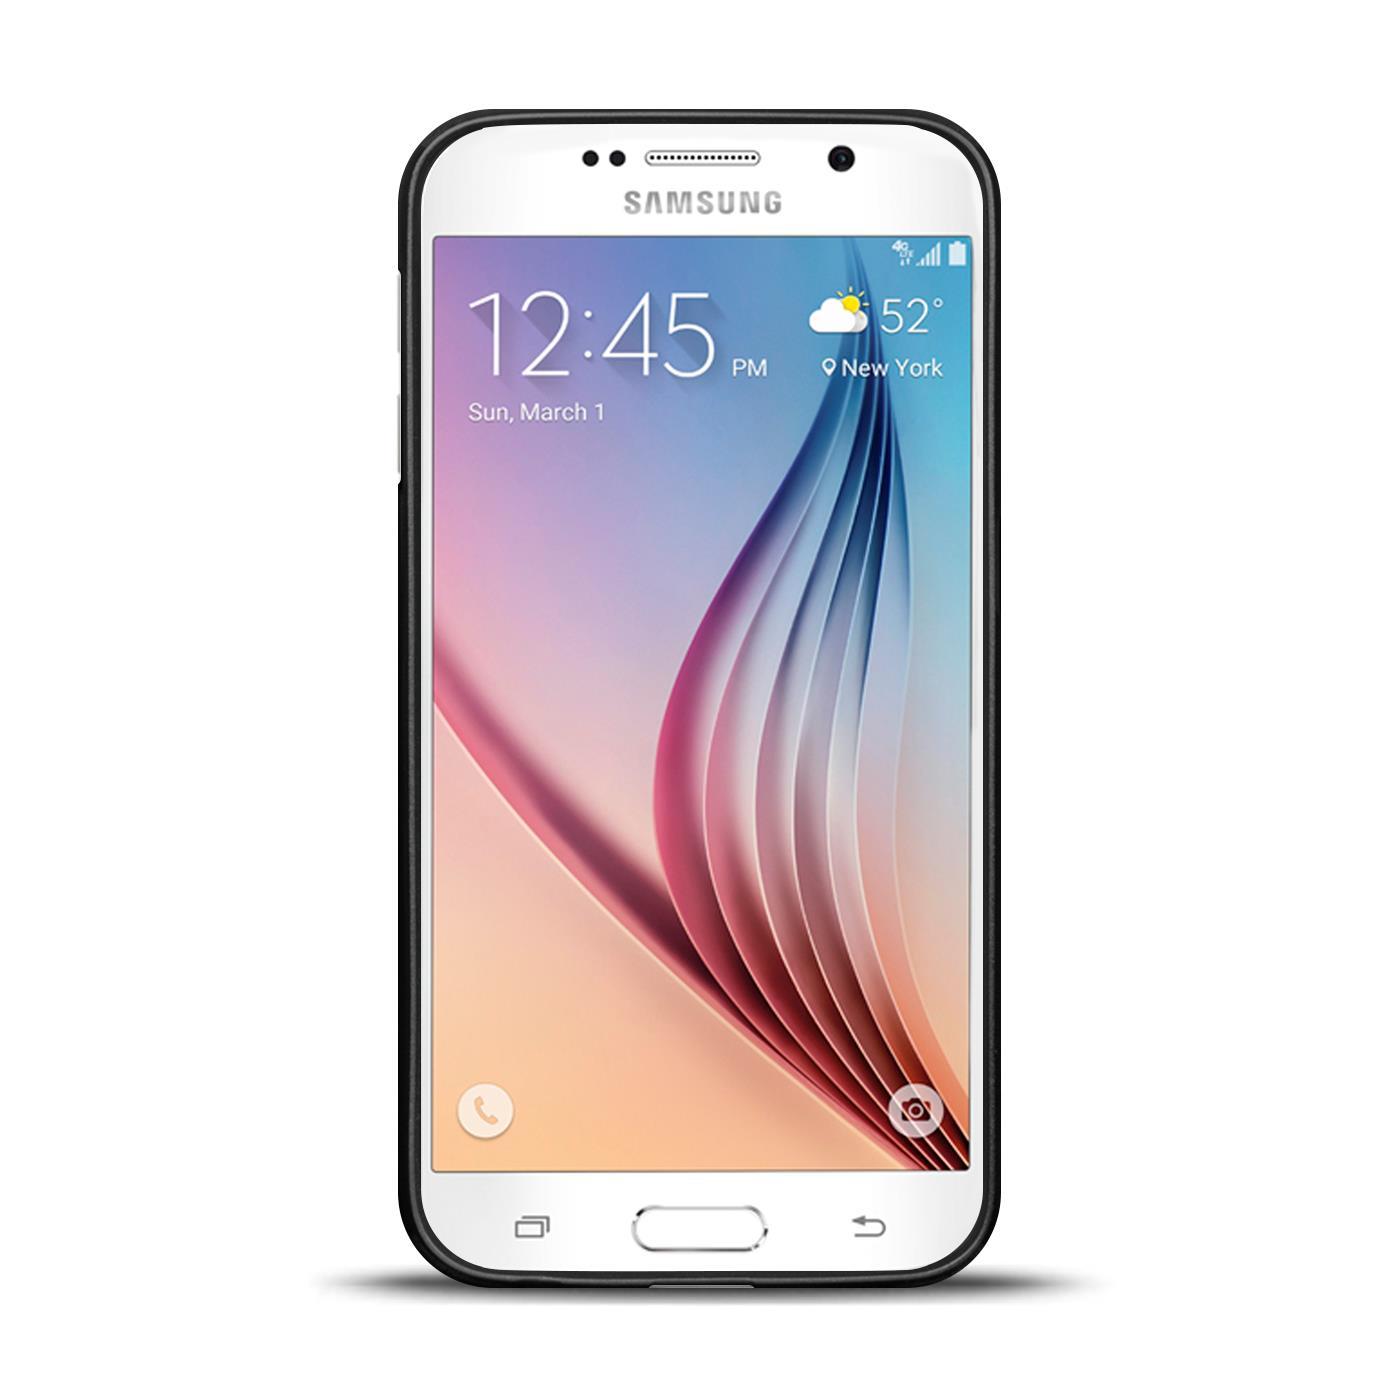 Silikon-Bumper-Case-fuer-Samsung-Galaxy-s6-duenne-ultra-slim-Stossfeste-Rueckschale Indexbild 39